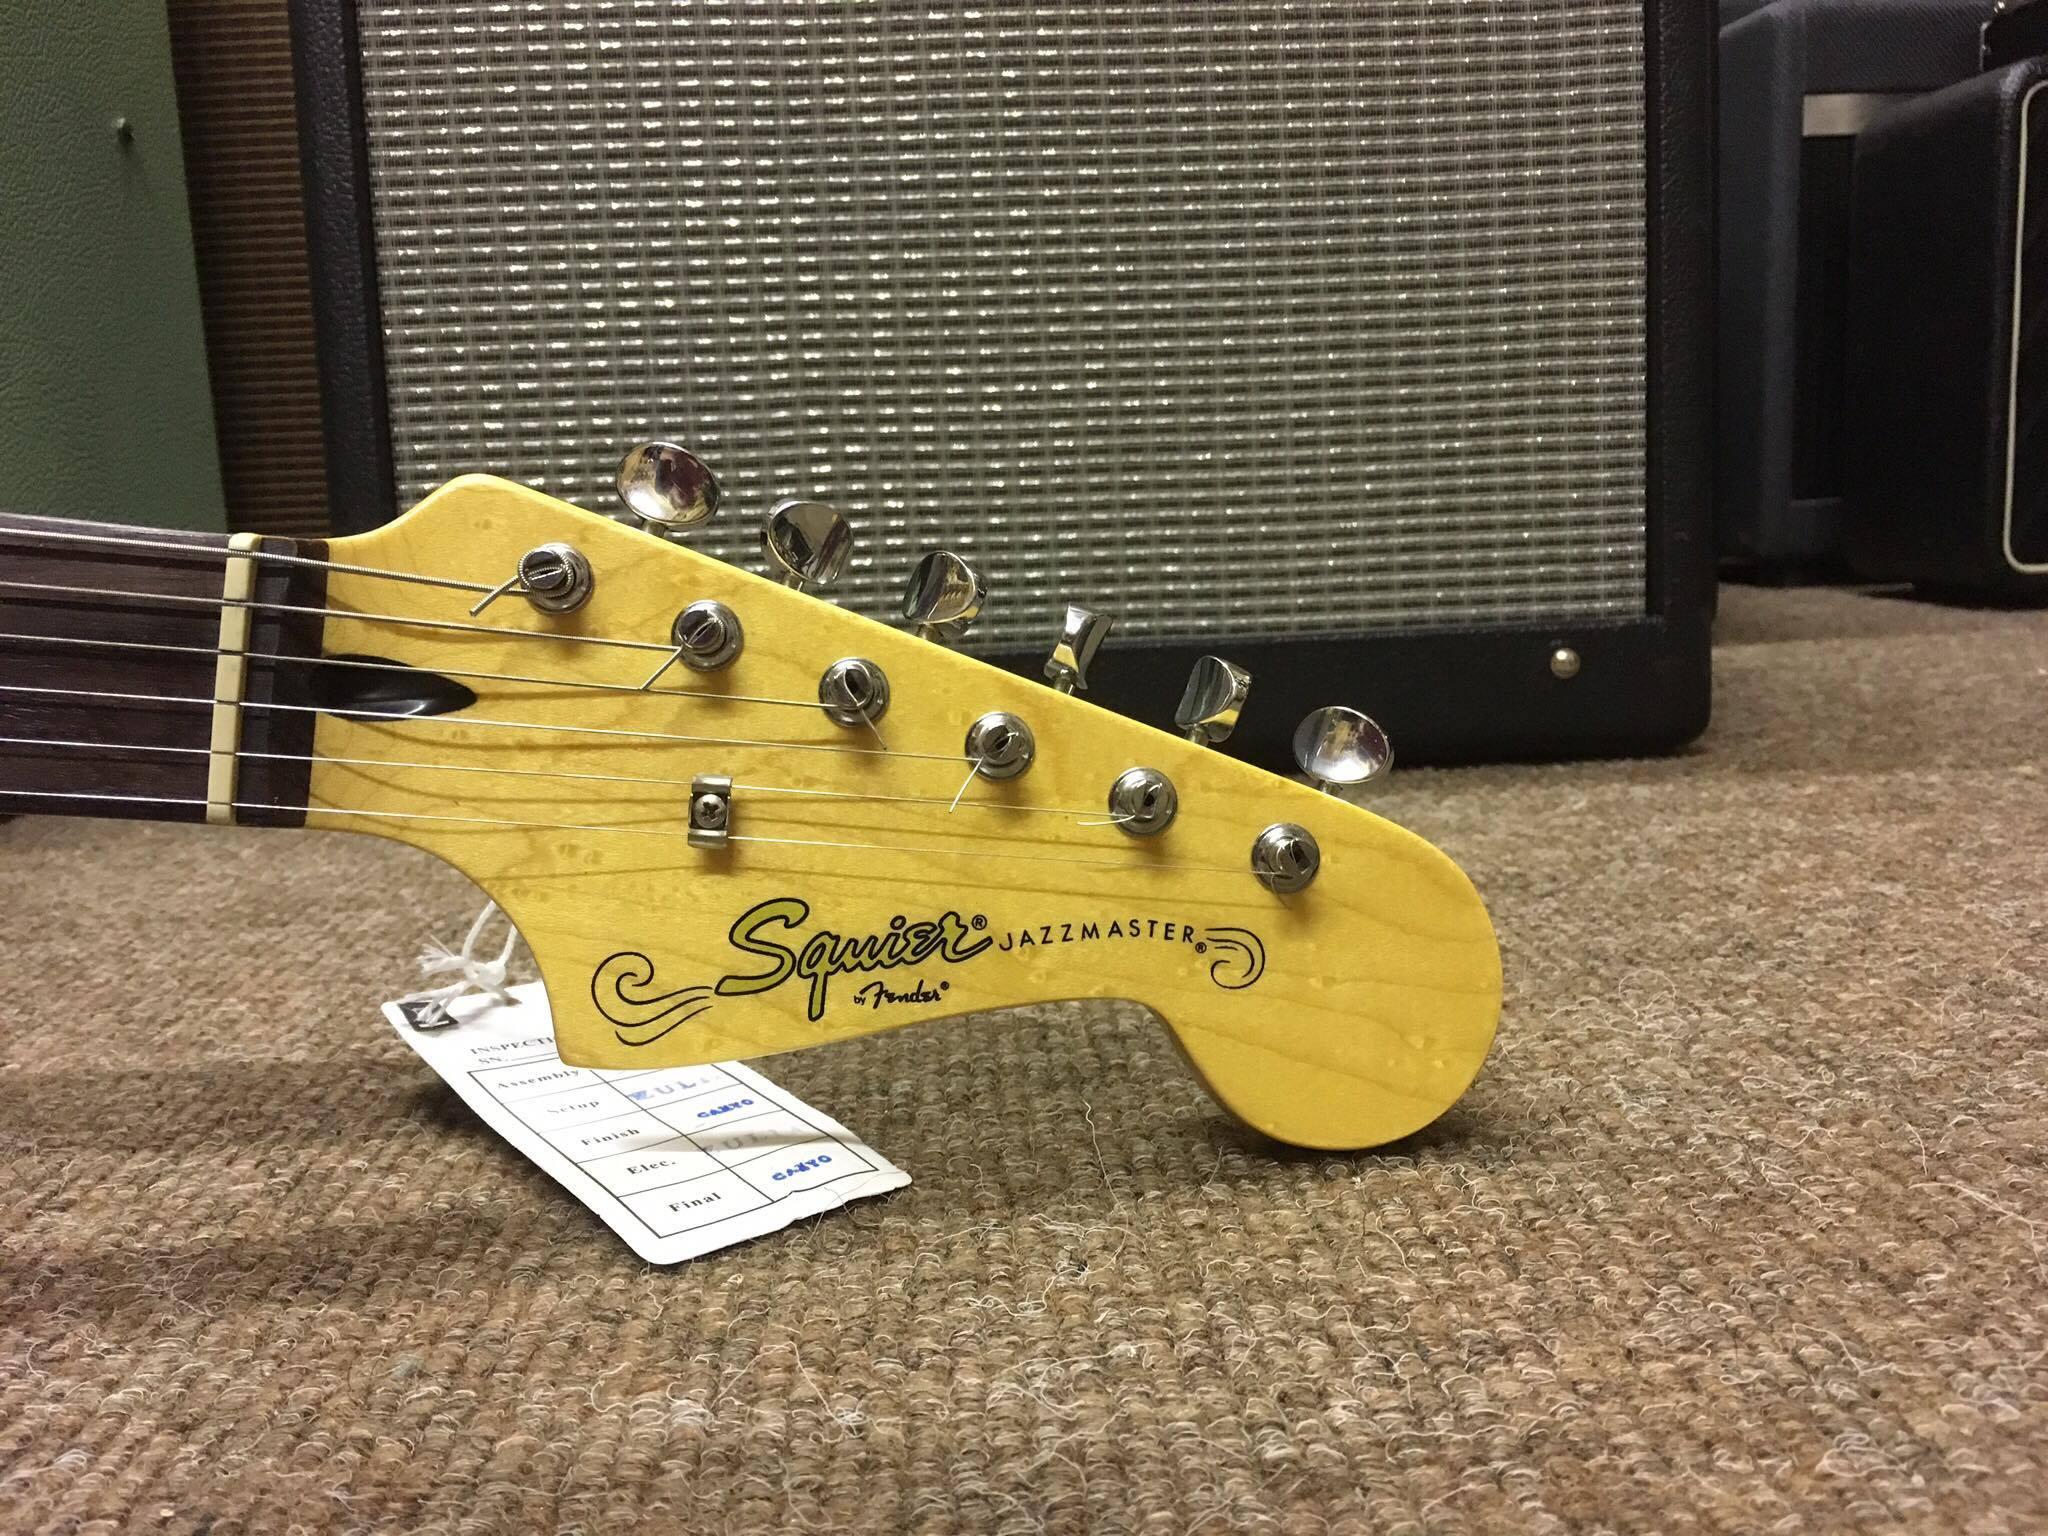 Gemütlich Seymor Duncan Schaltplan Fender Squier Stratocaster Bilder ...